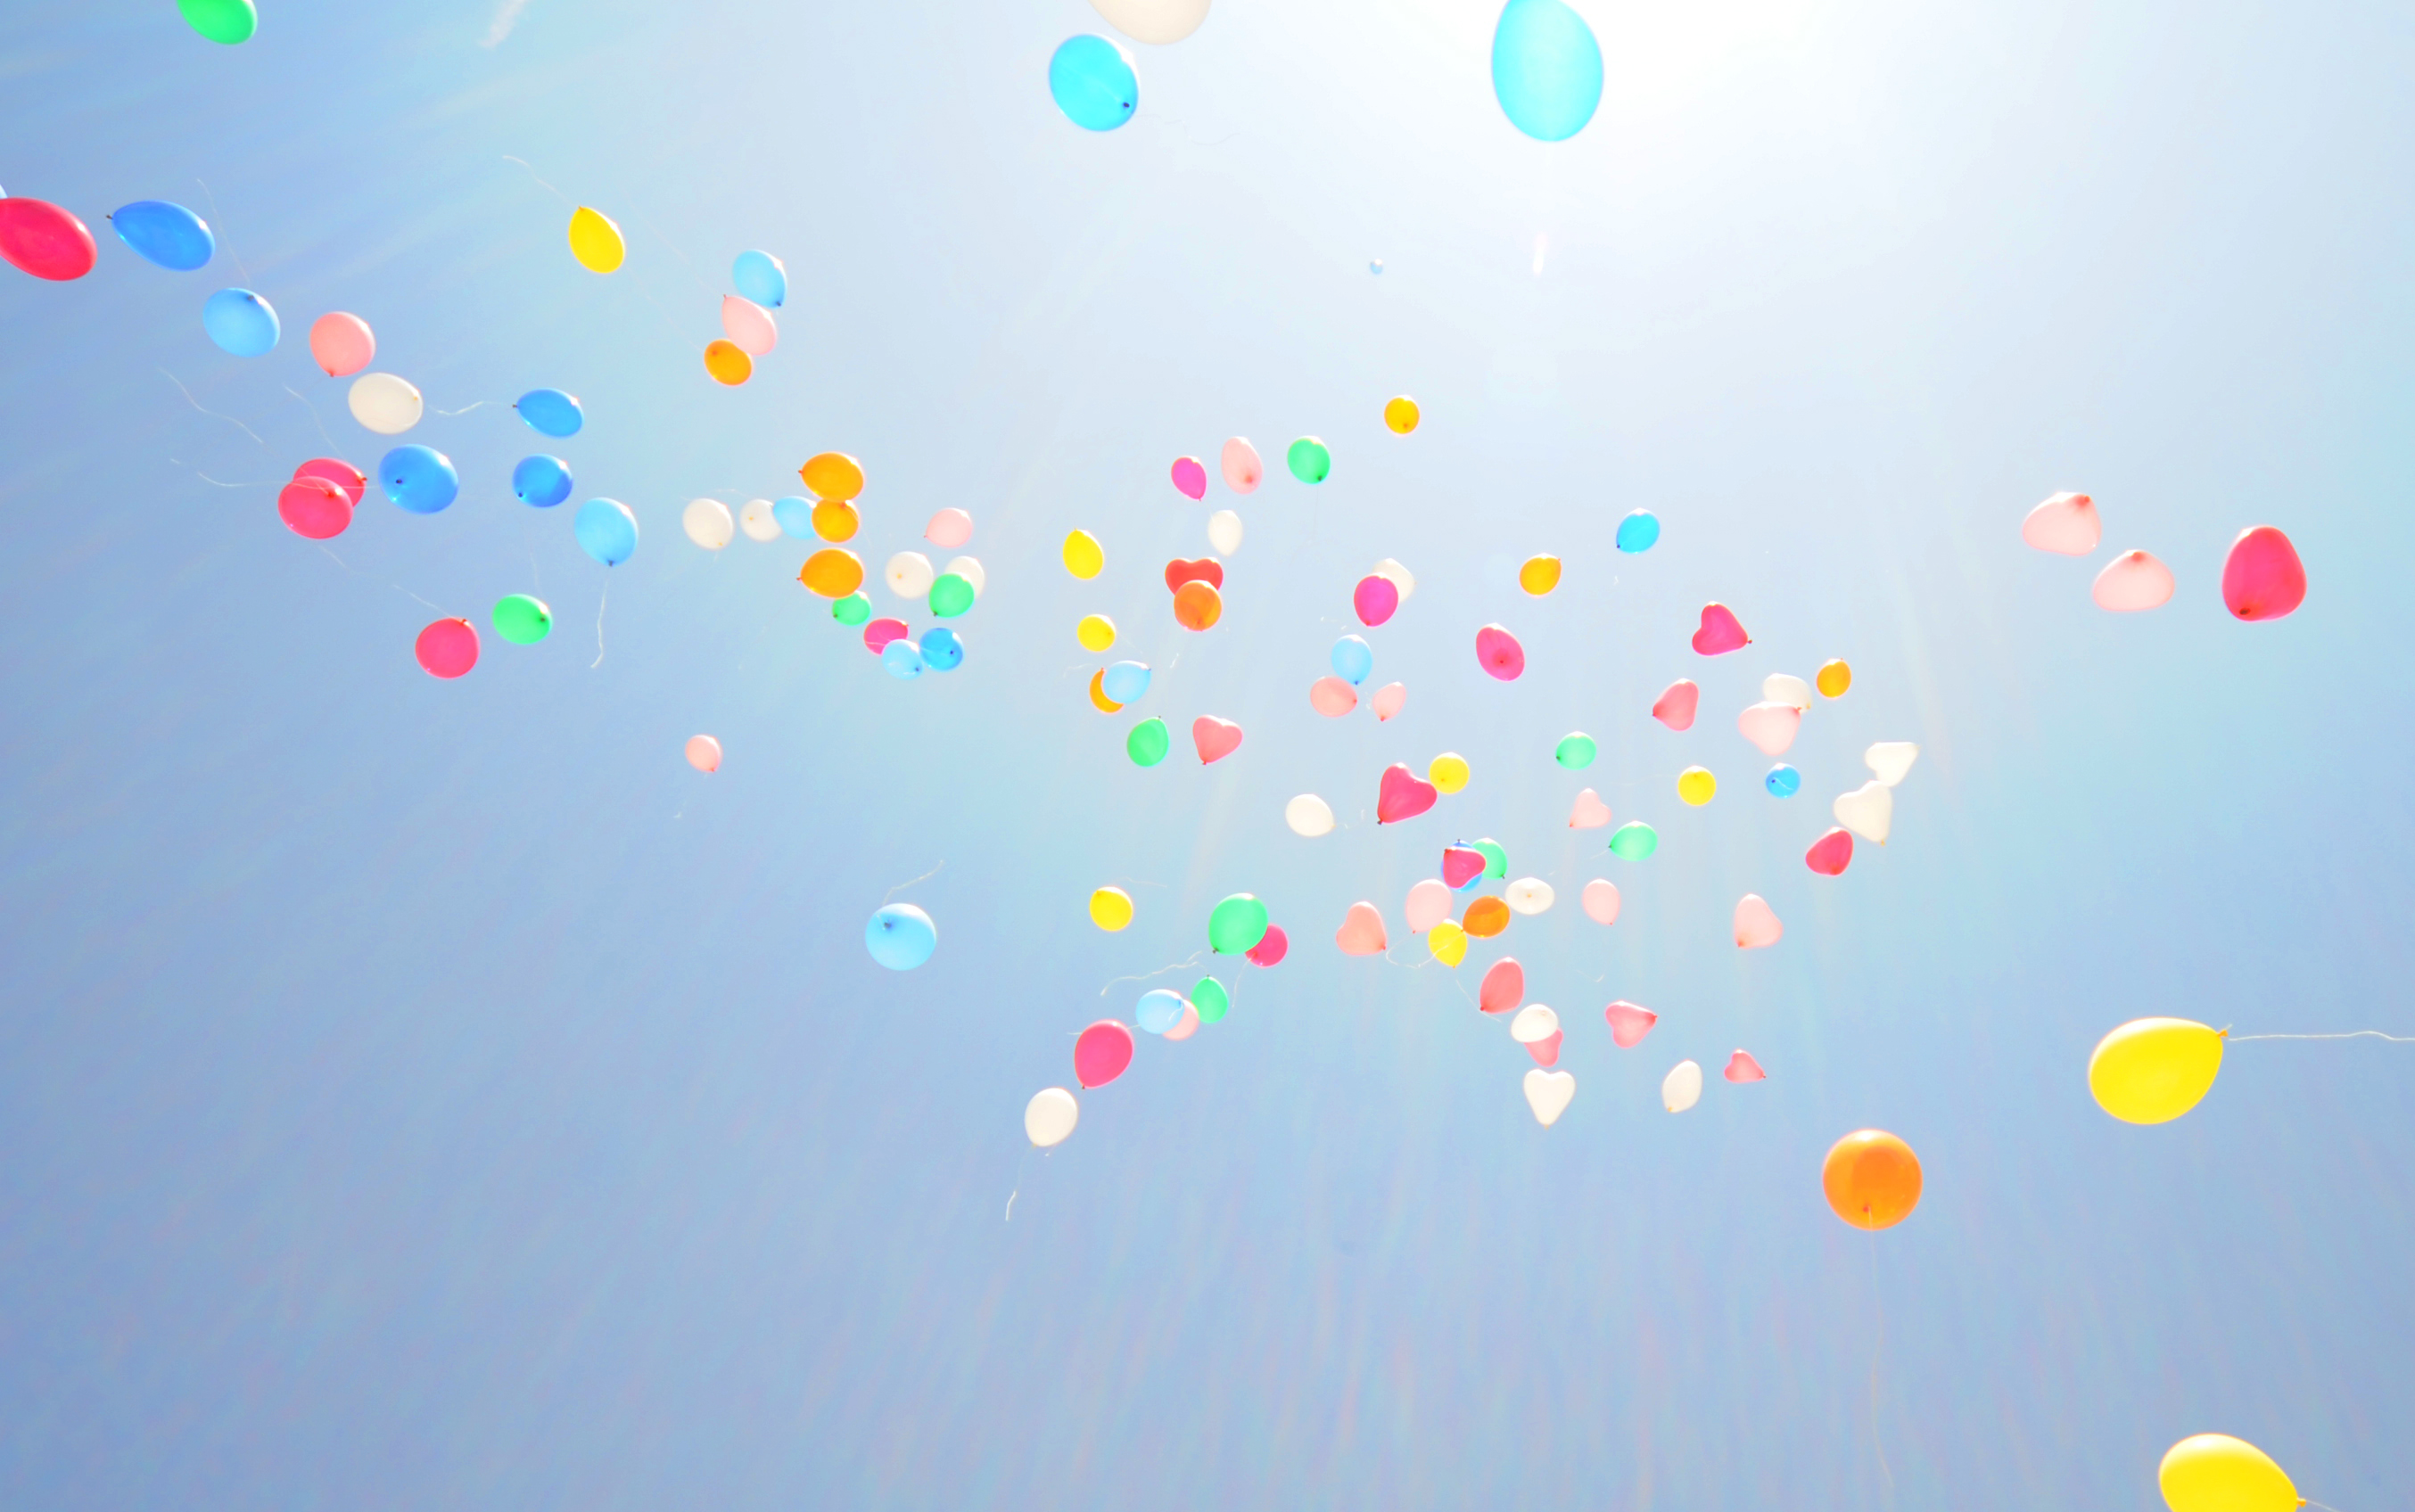 色とりどりの風船が空へ飛んでいく様子